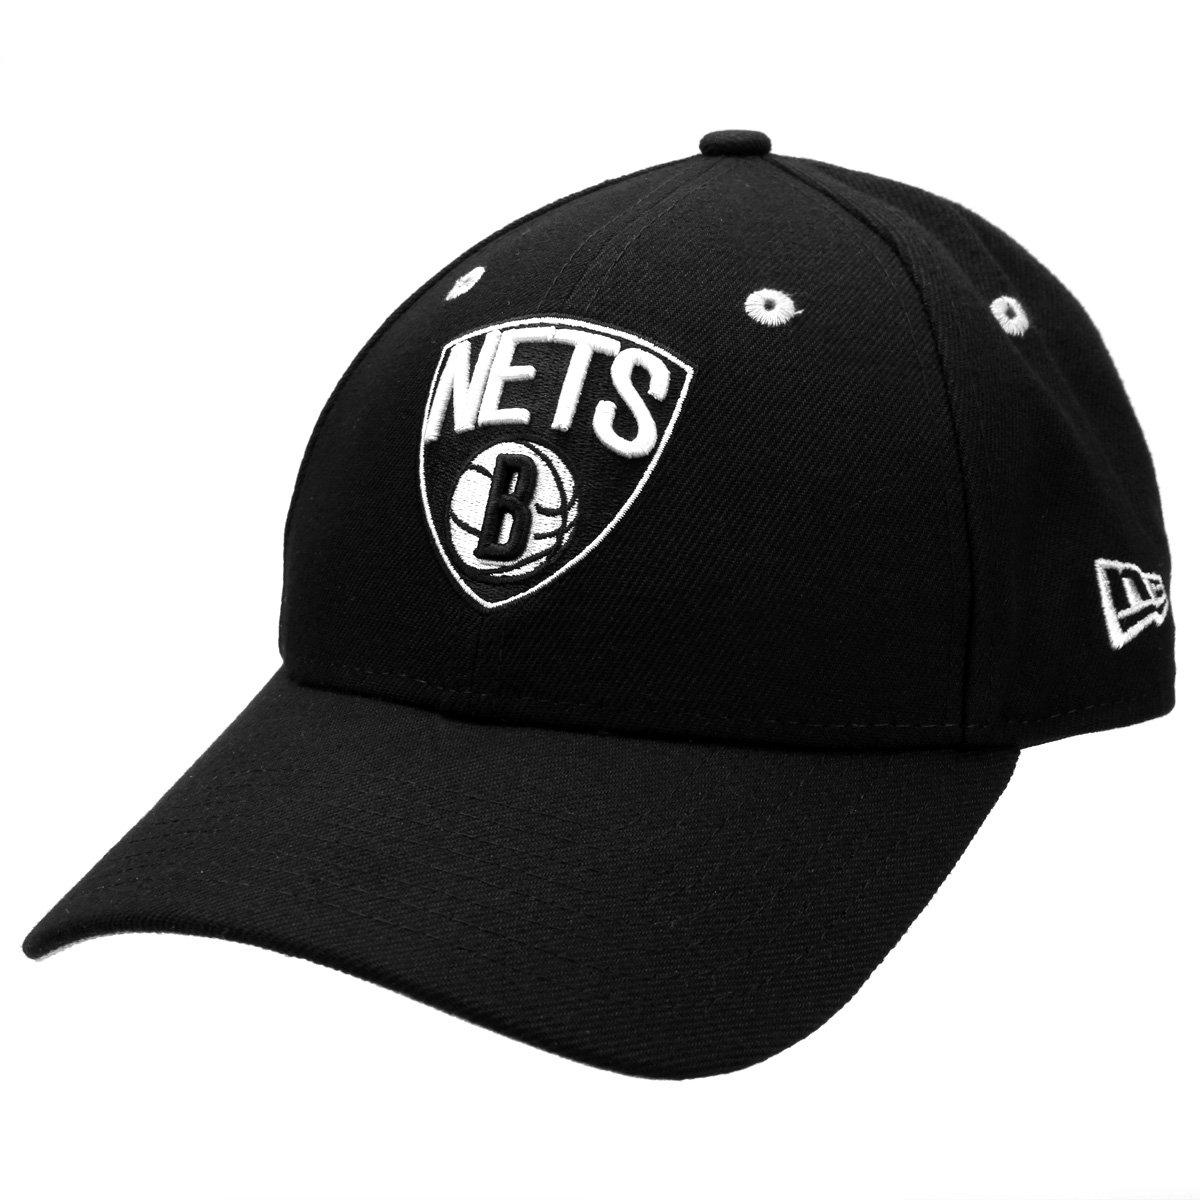 Boné New Era NBA 940 Hc Sn Official Brooklyn Nets - Compre Agora ... fb29a8babbe